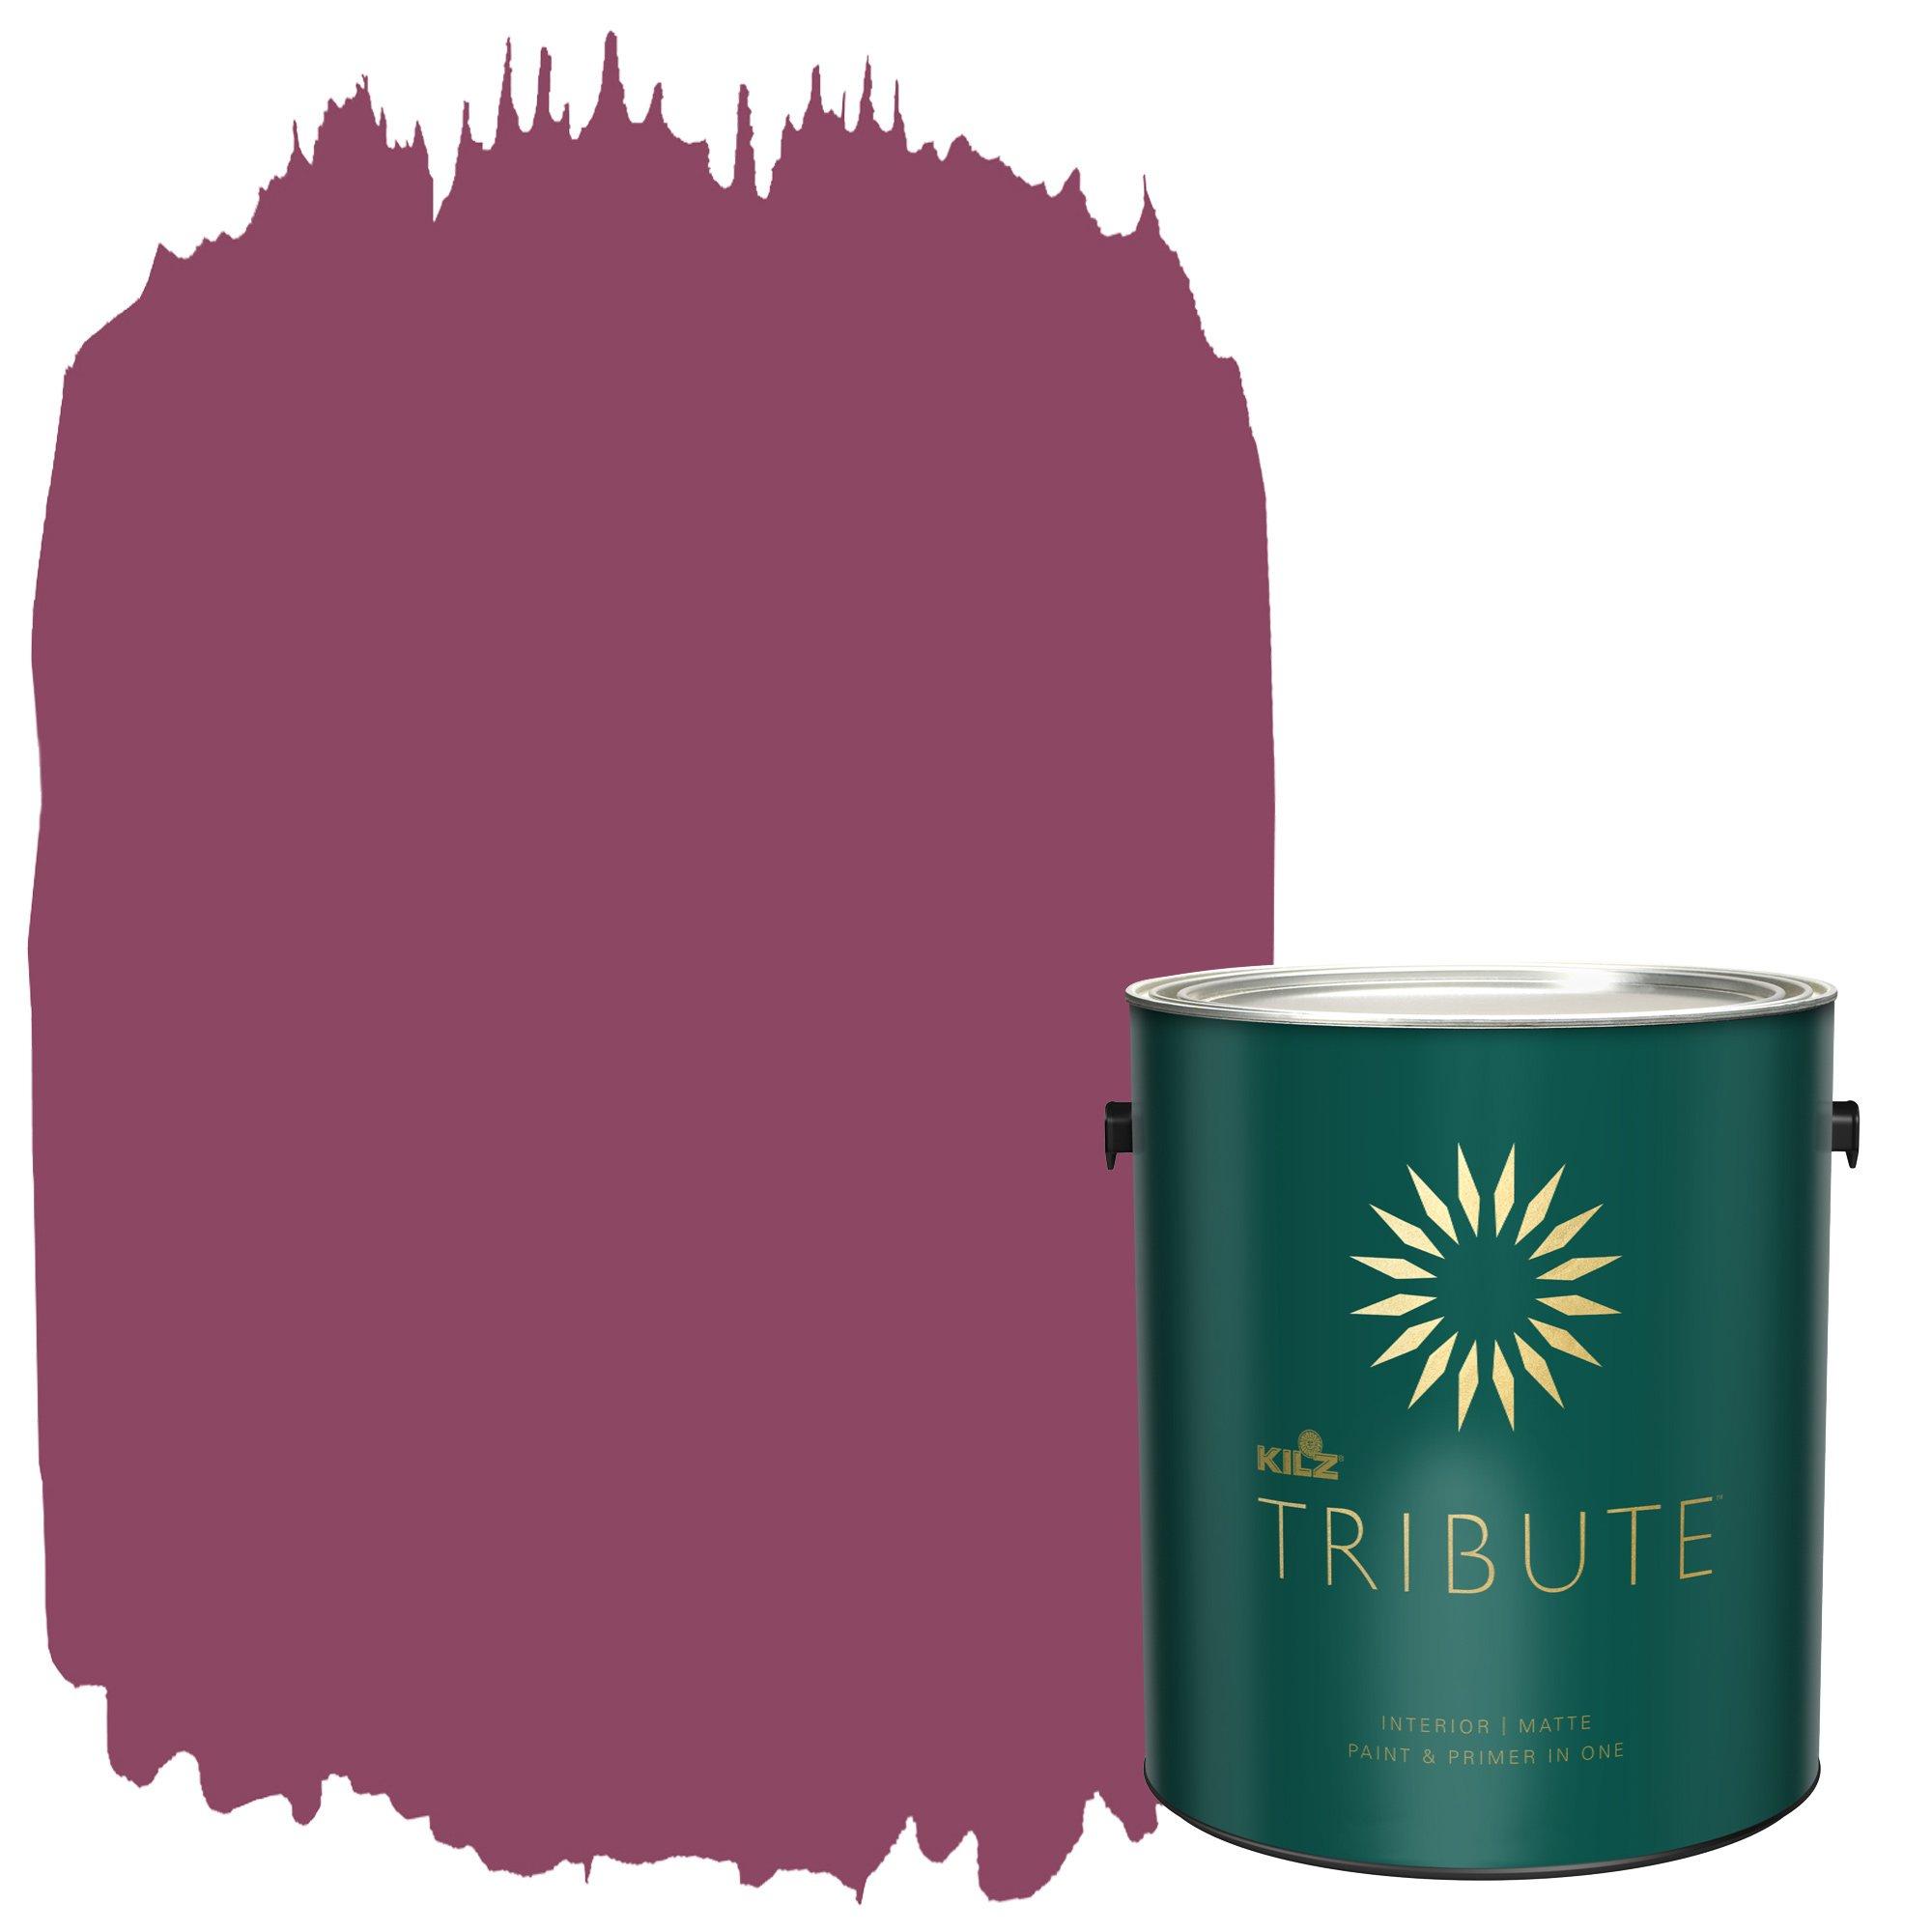 KILZ TRIBUTE Interior Matte Paint and Primer in One, 1 Gallon, Crimson Velvet (TB-98)